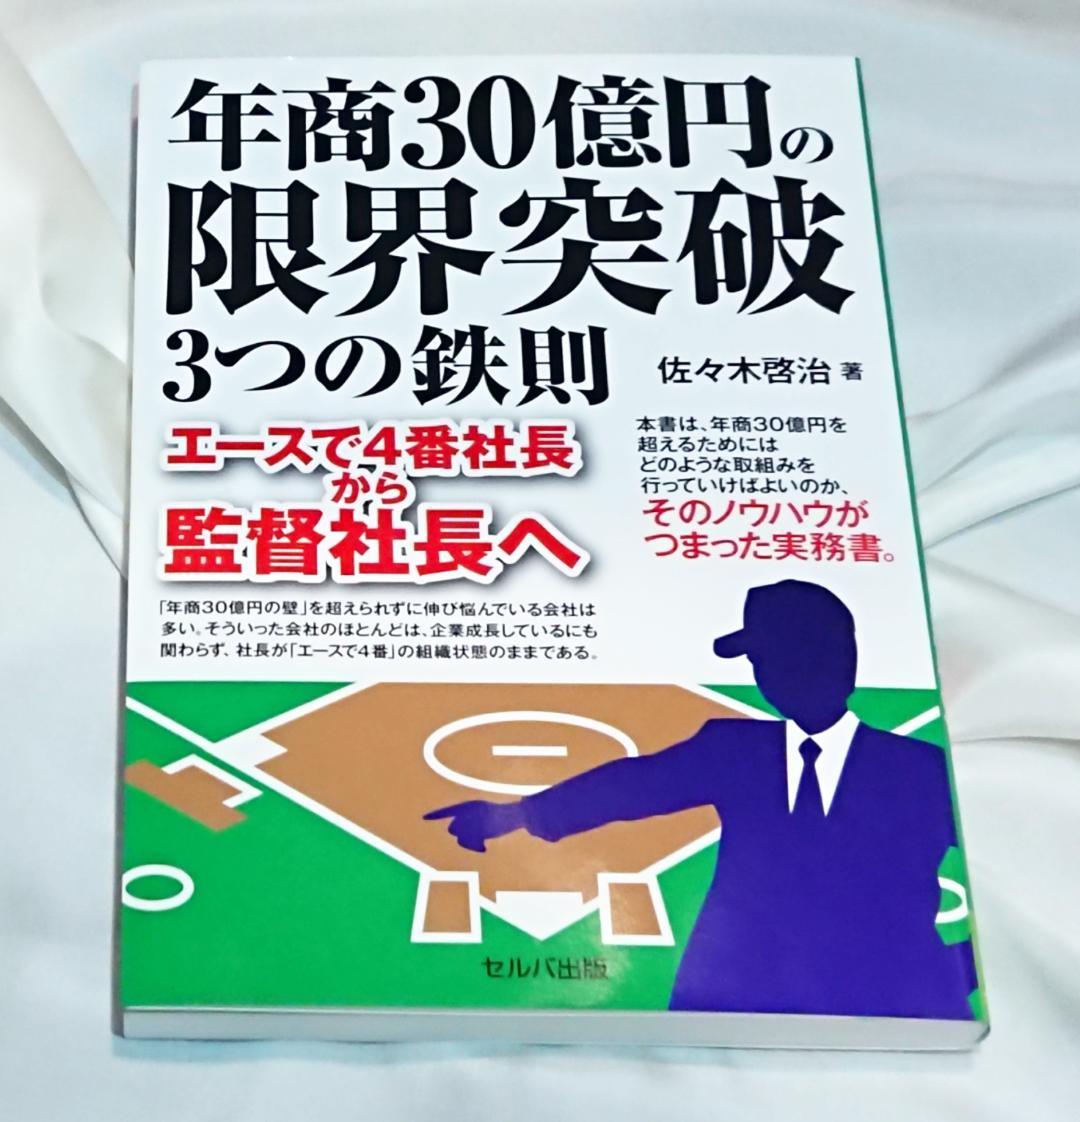 年商30億円の限界突破3つの鉄則 〜エースで4番社長から監督社長へ〜画像